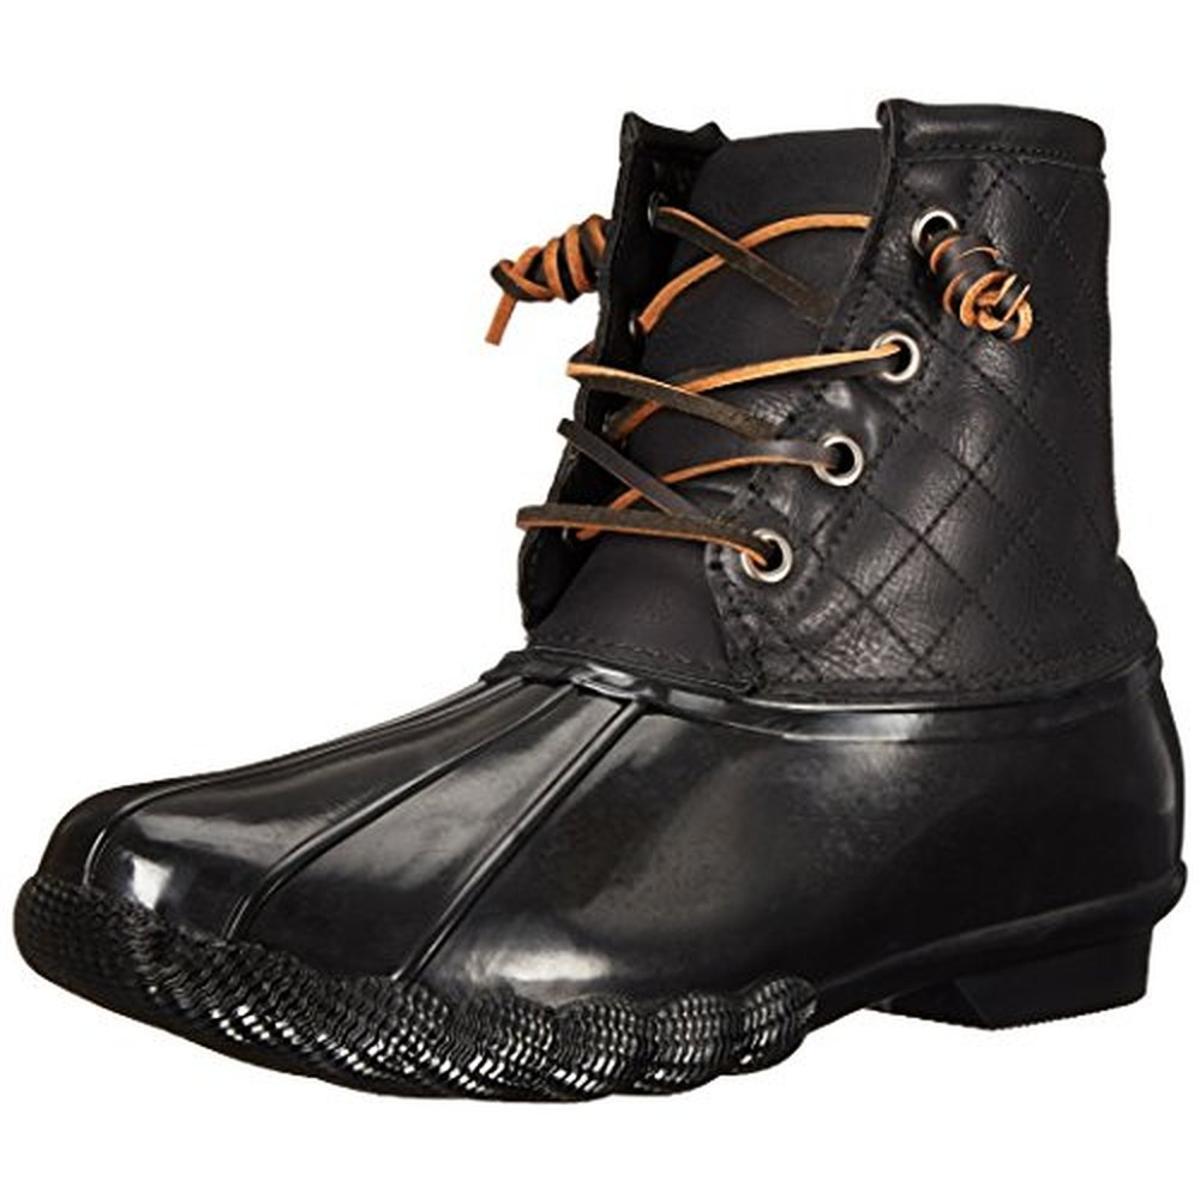 Steve Madden Womens Tillis Black Winter Pac Boots shoes 9 Medium (B,M) BHFO 5276